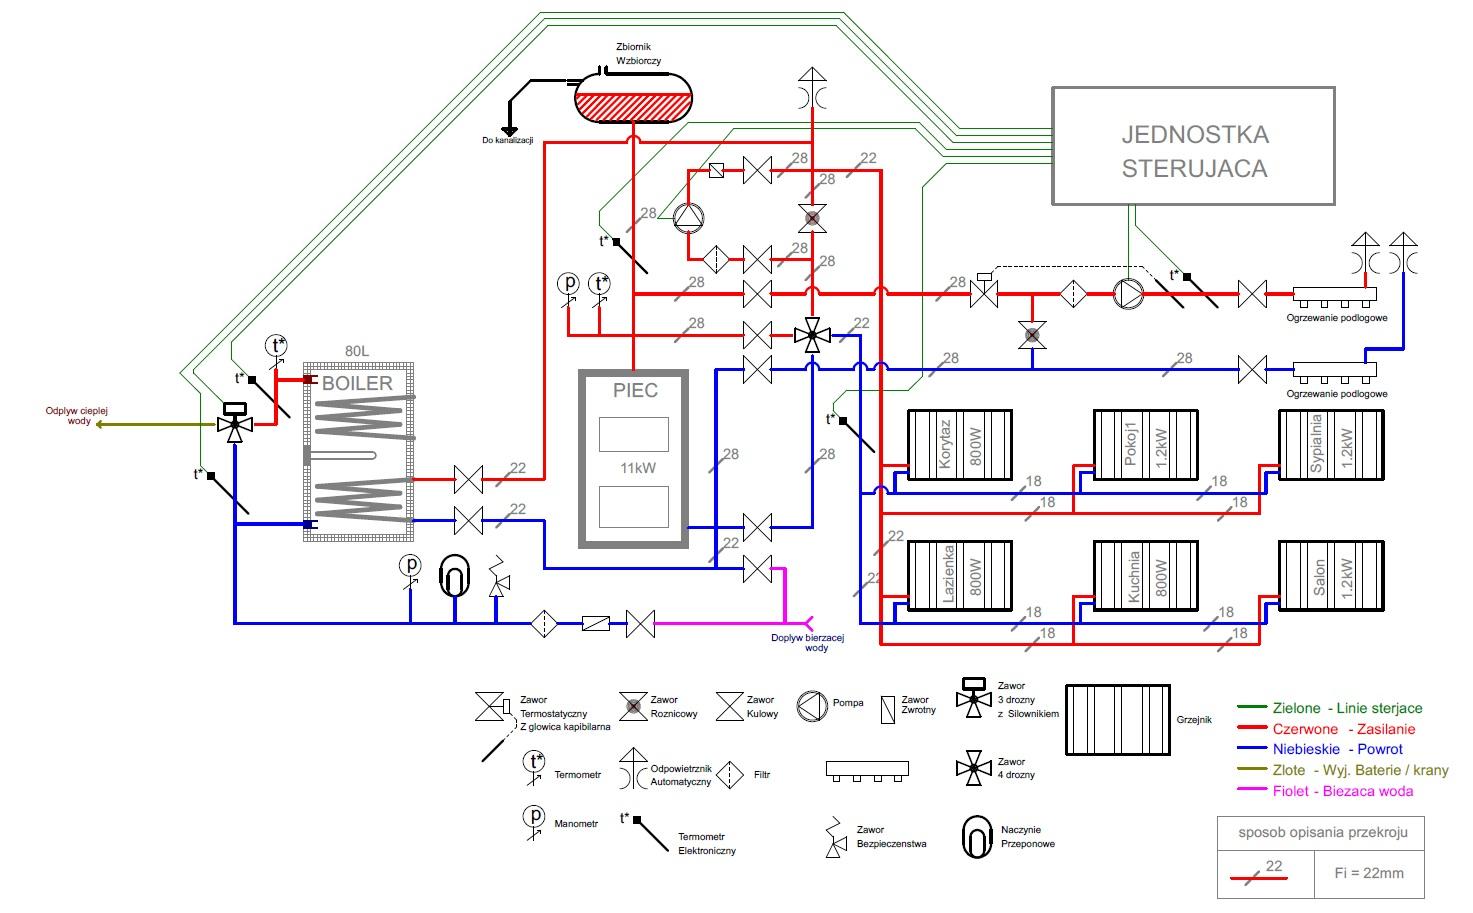 Opinia poprawno�ci schematu CO z pod�og�wk�